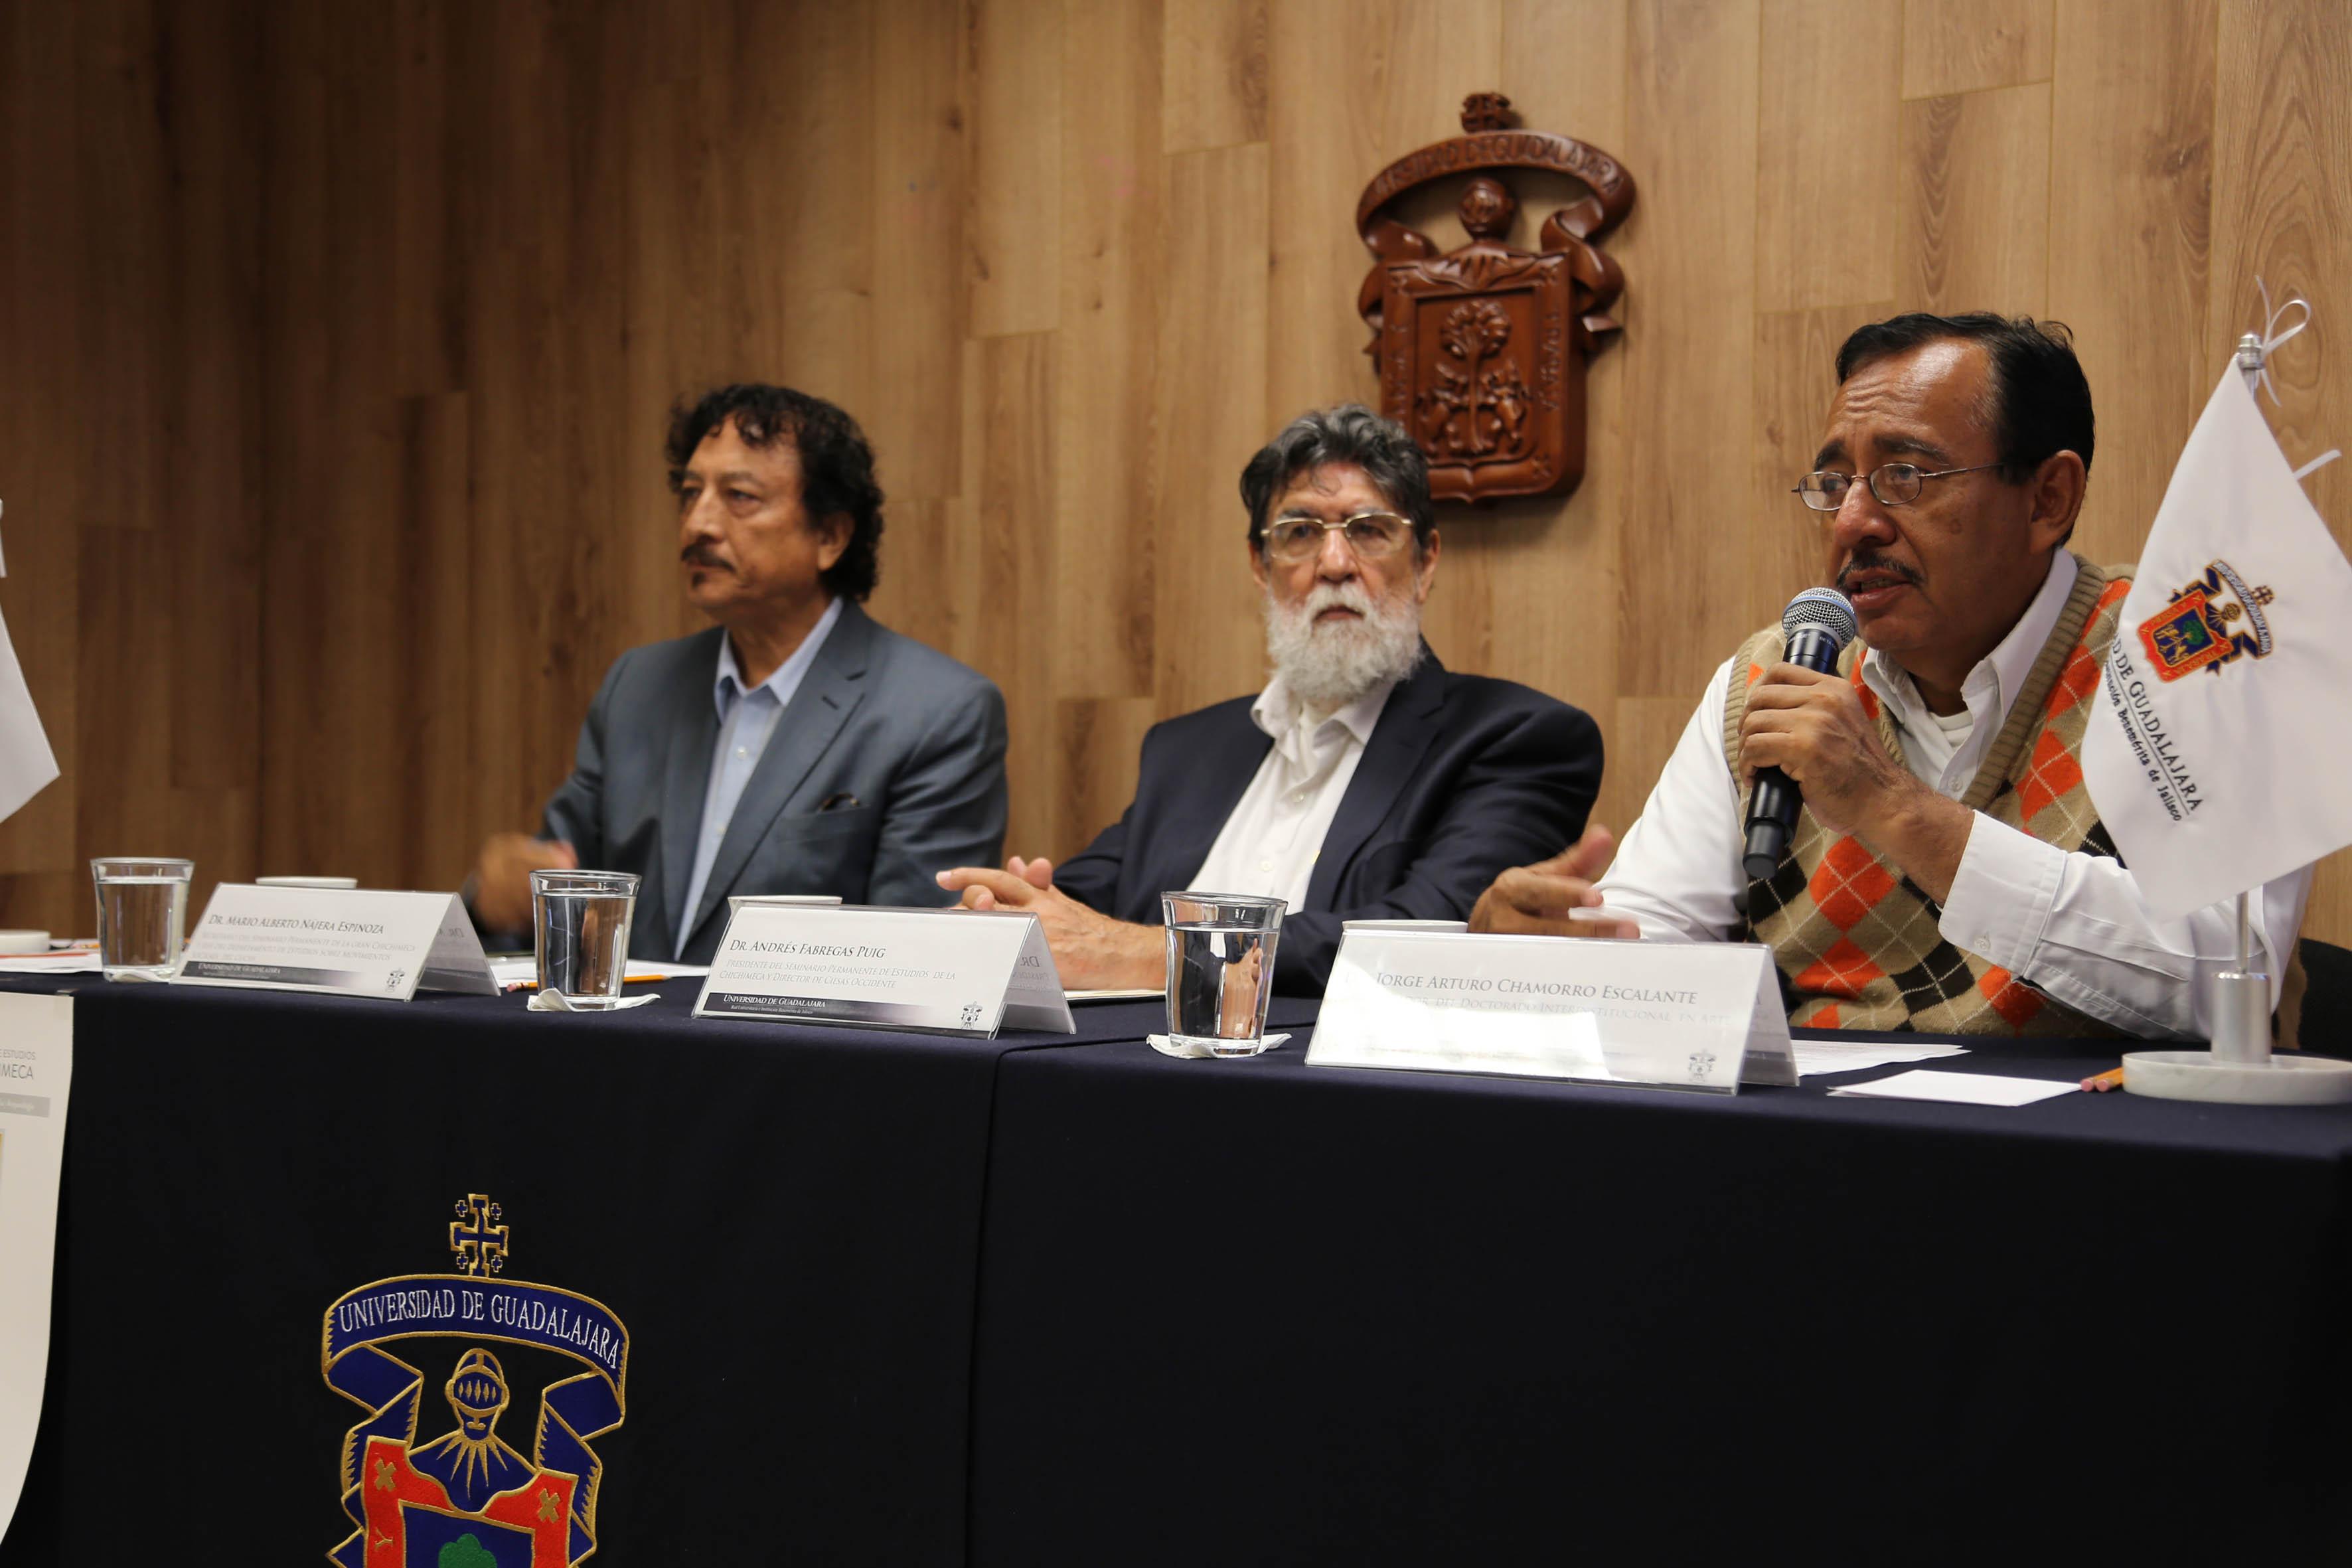 Participantes a la rueda de prensa del XIII Encuentro del Seminario Permanente de Estudios de la Gran Chichimeca (SEPECH)